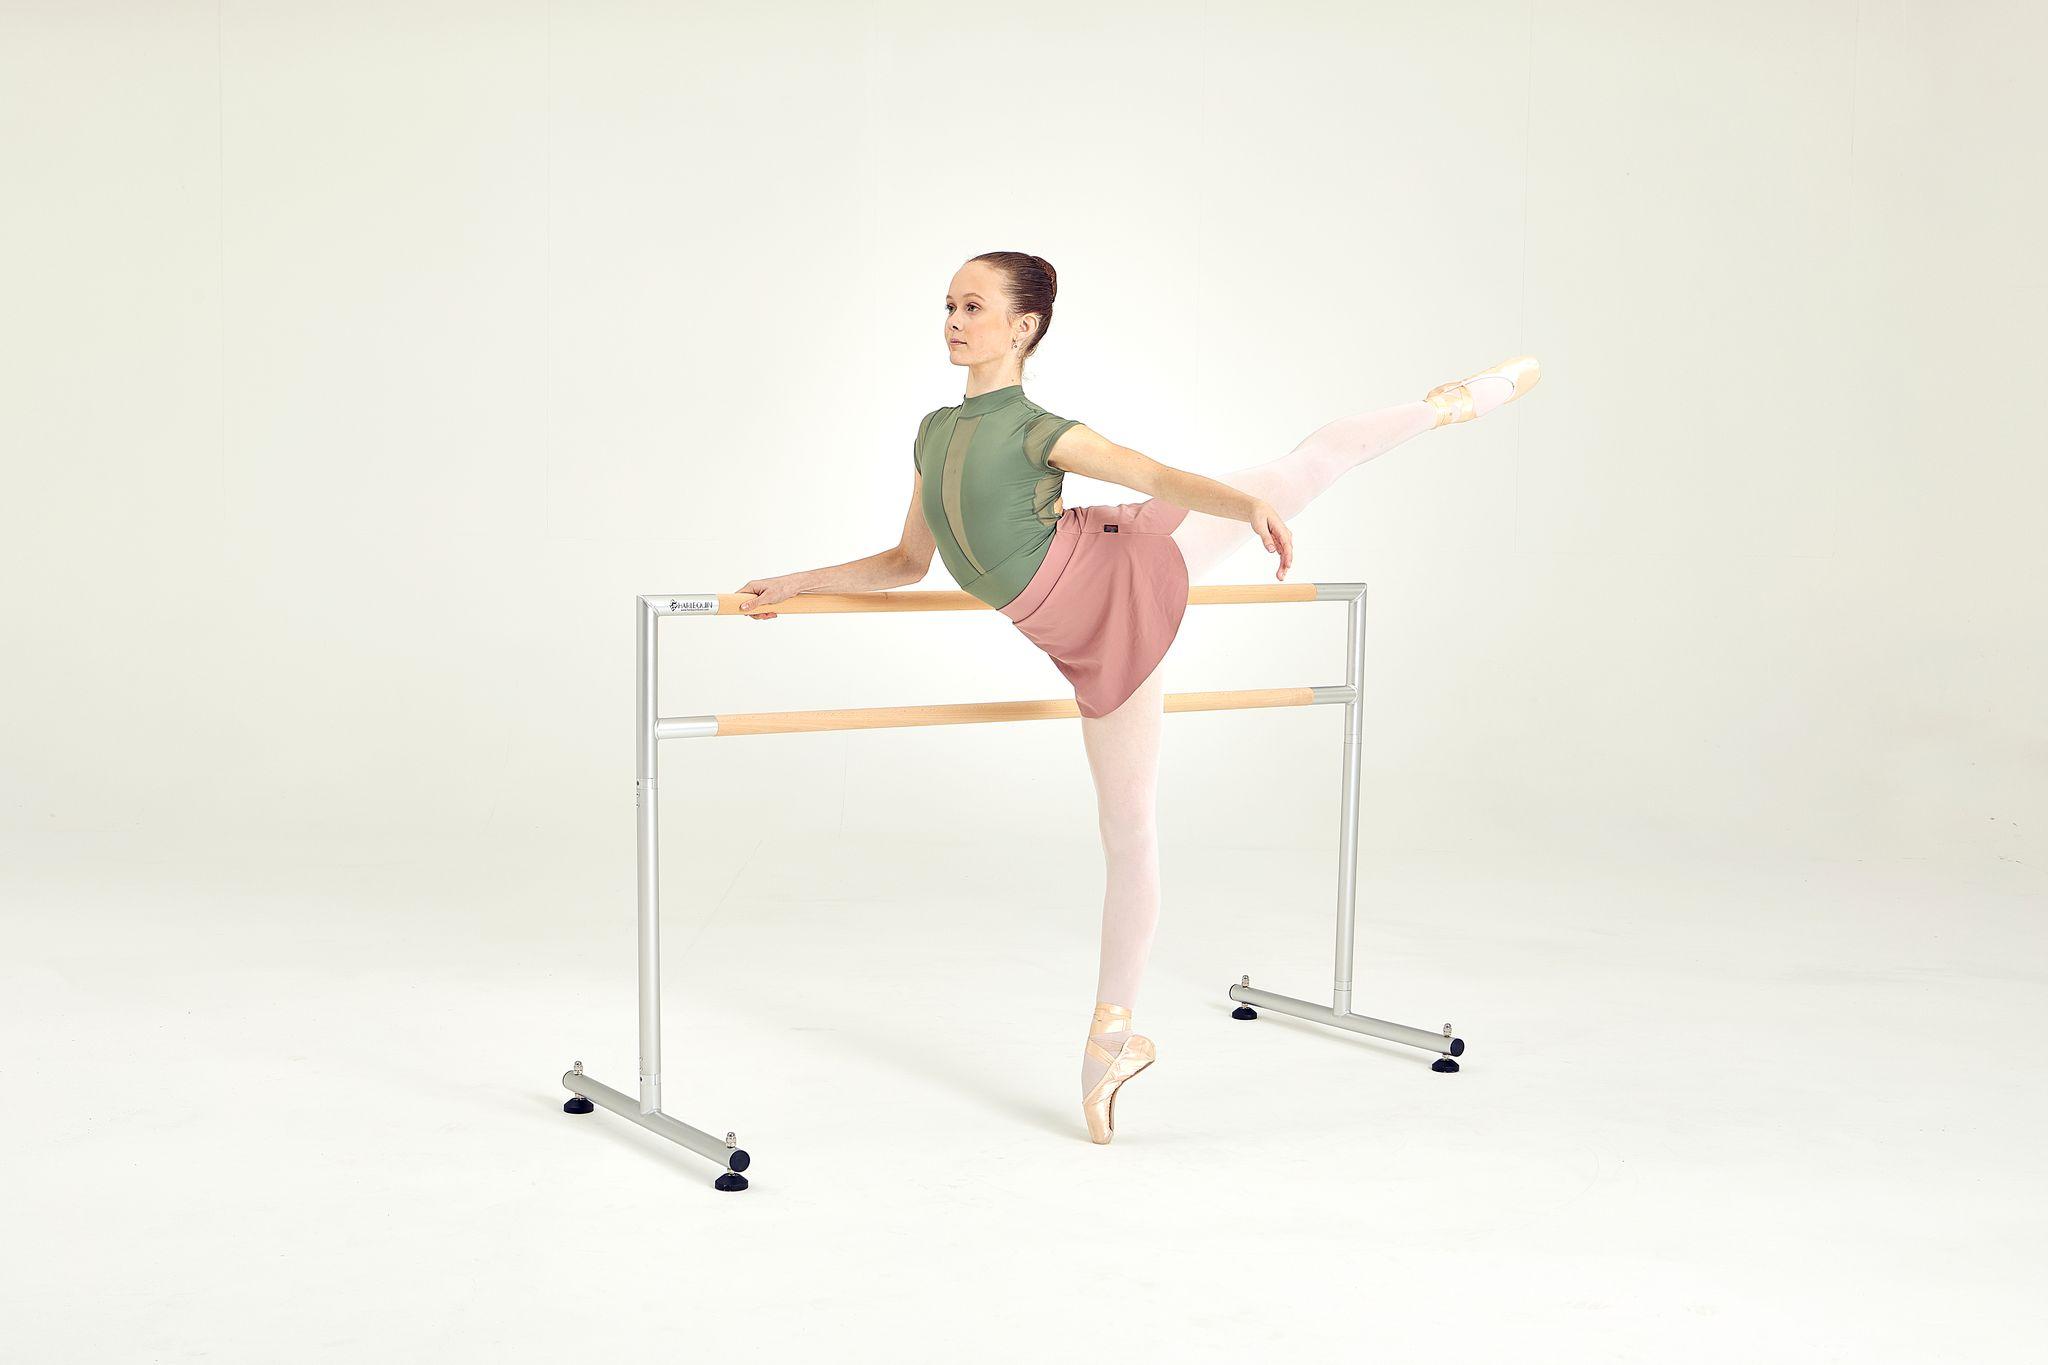 Mittlere freistehende Harlequin Ballettstange mit Ballerina